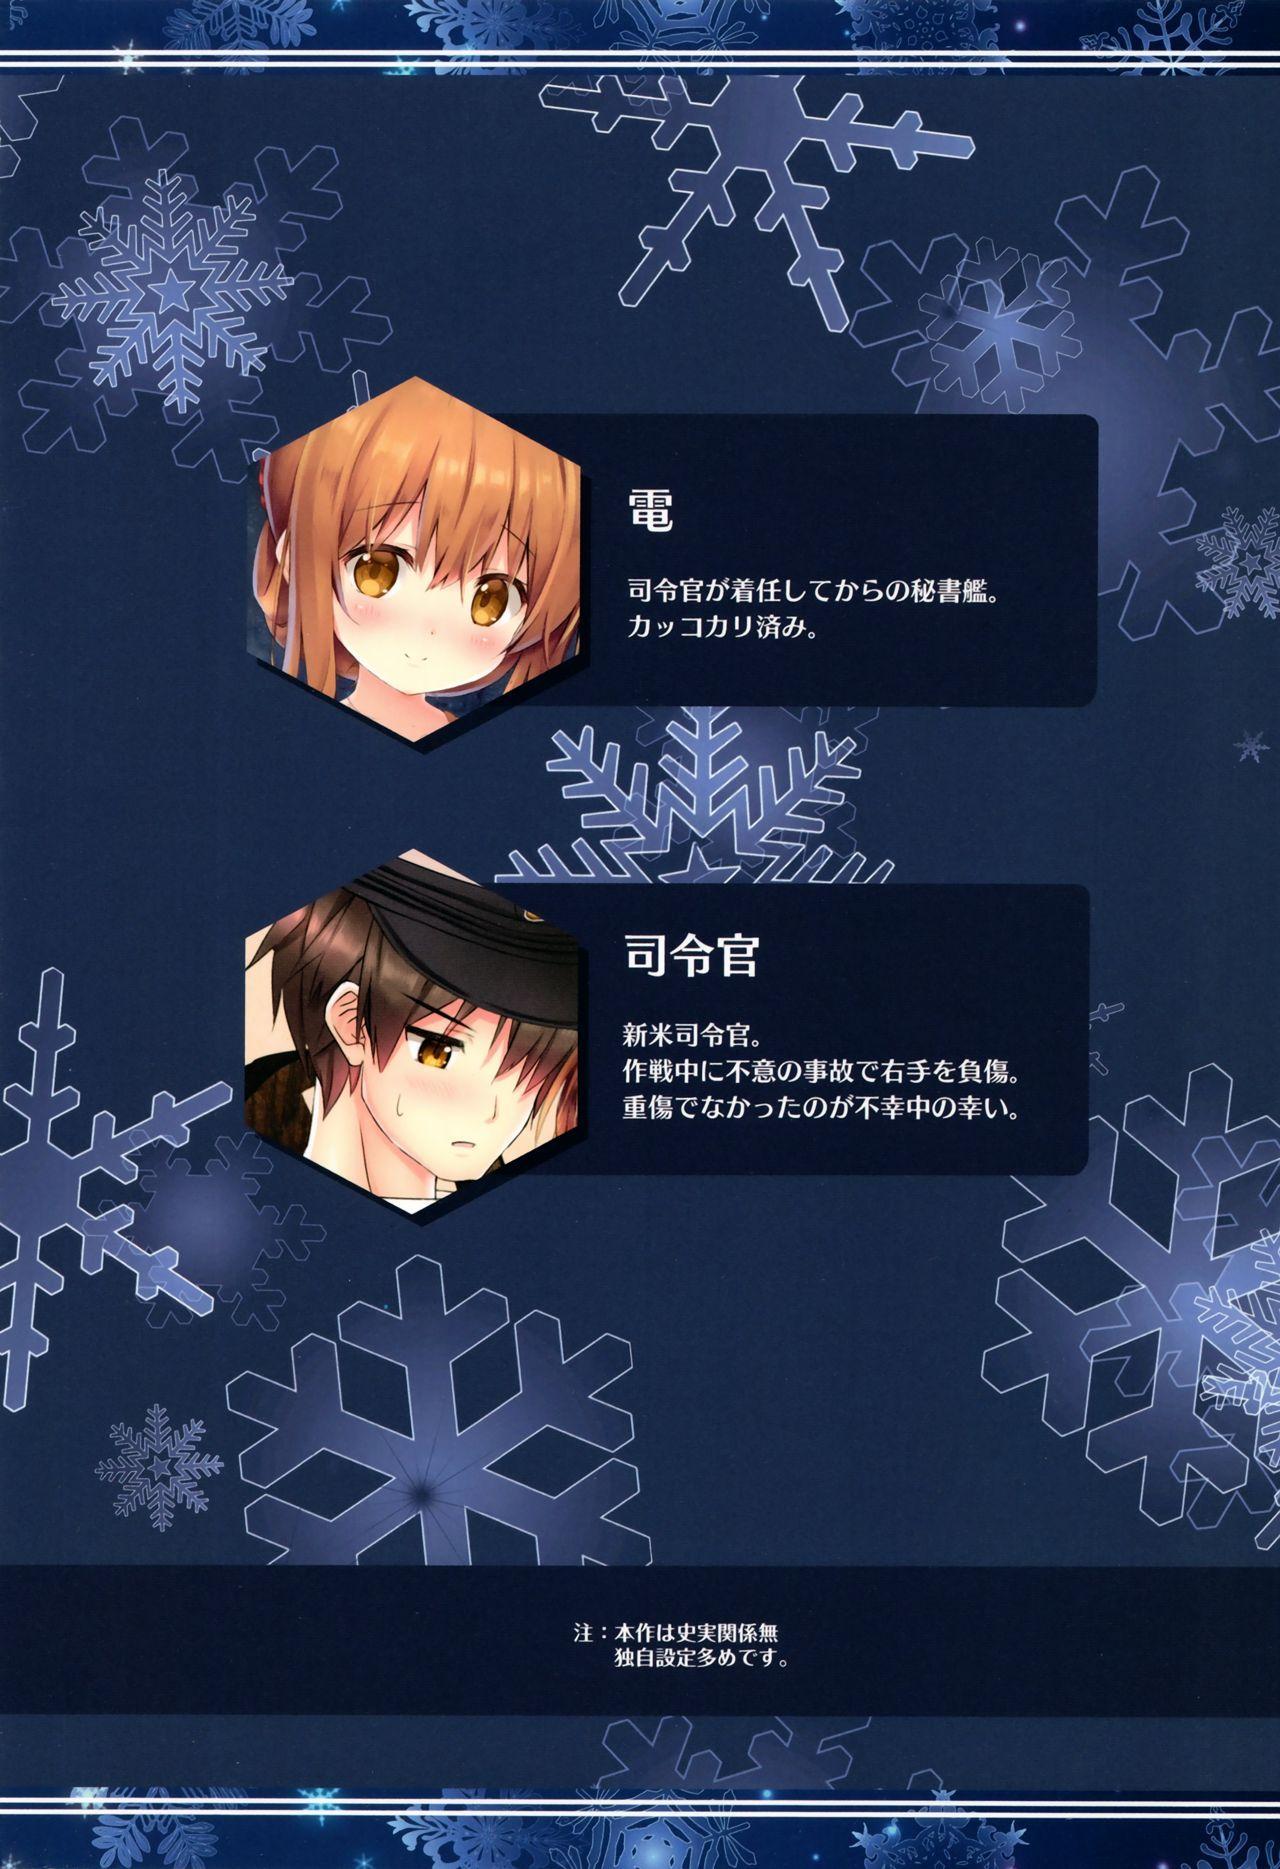 Inazuma to Issho ni Nyuukyo nano desu! 2